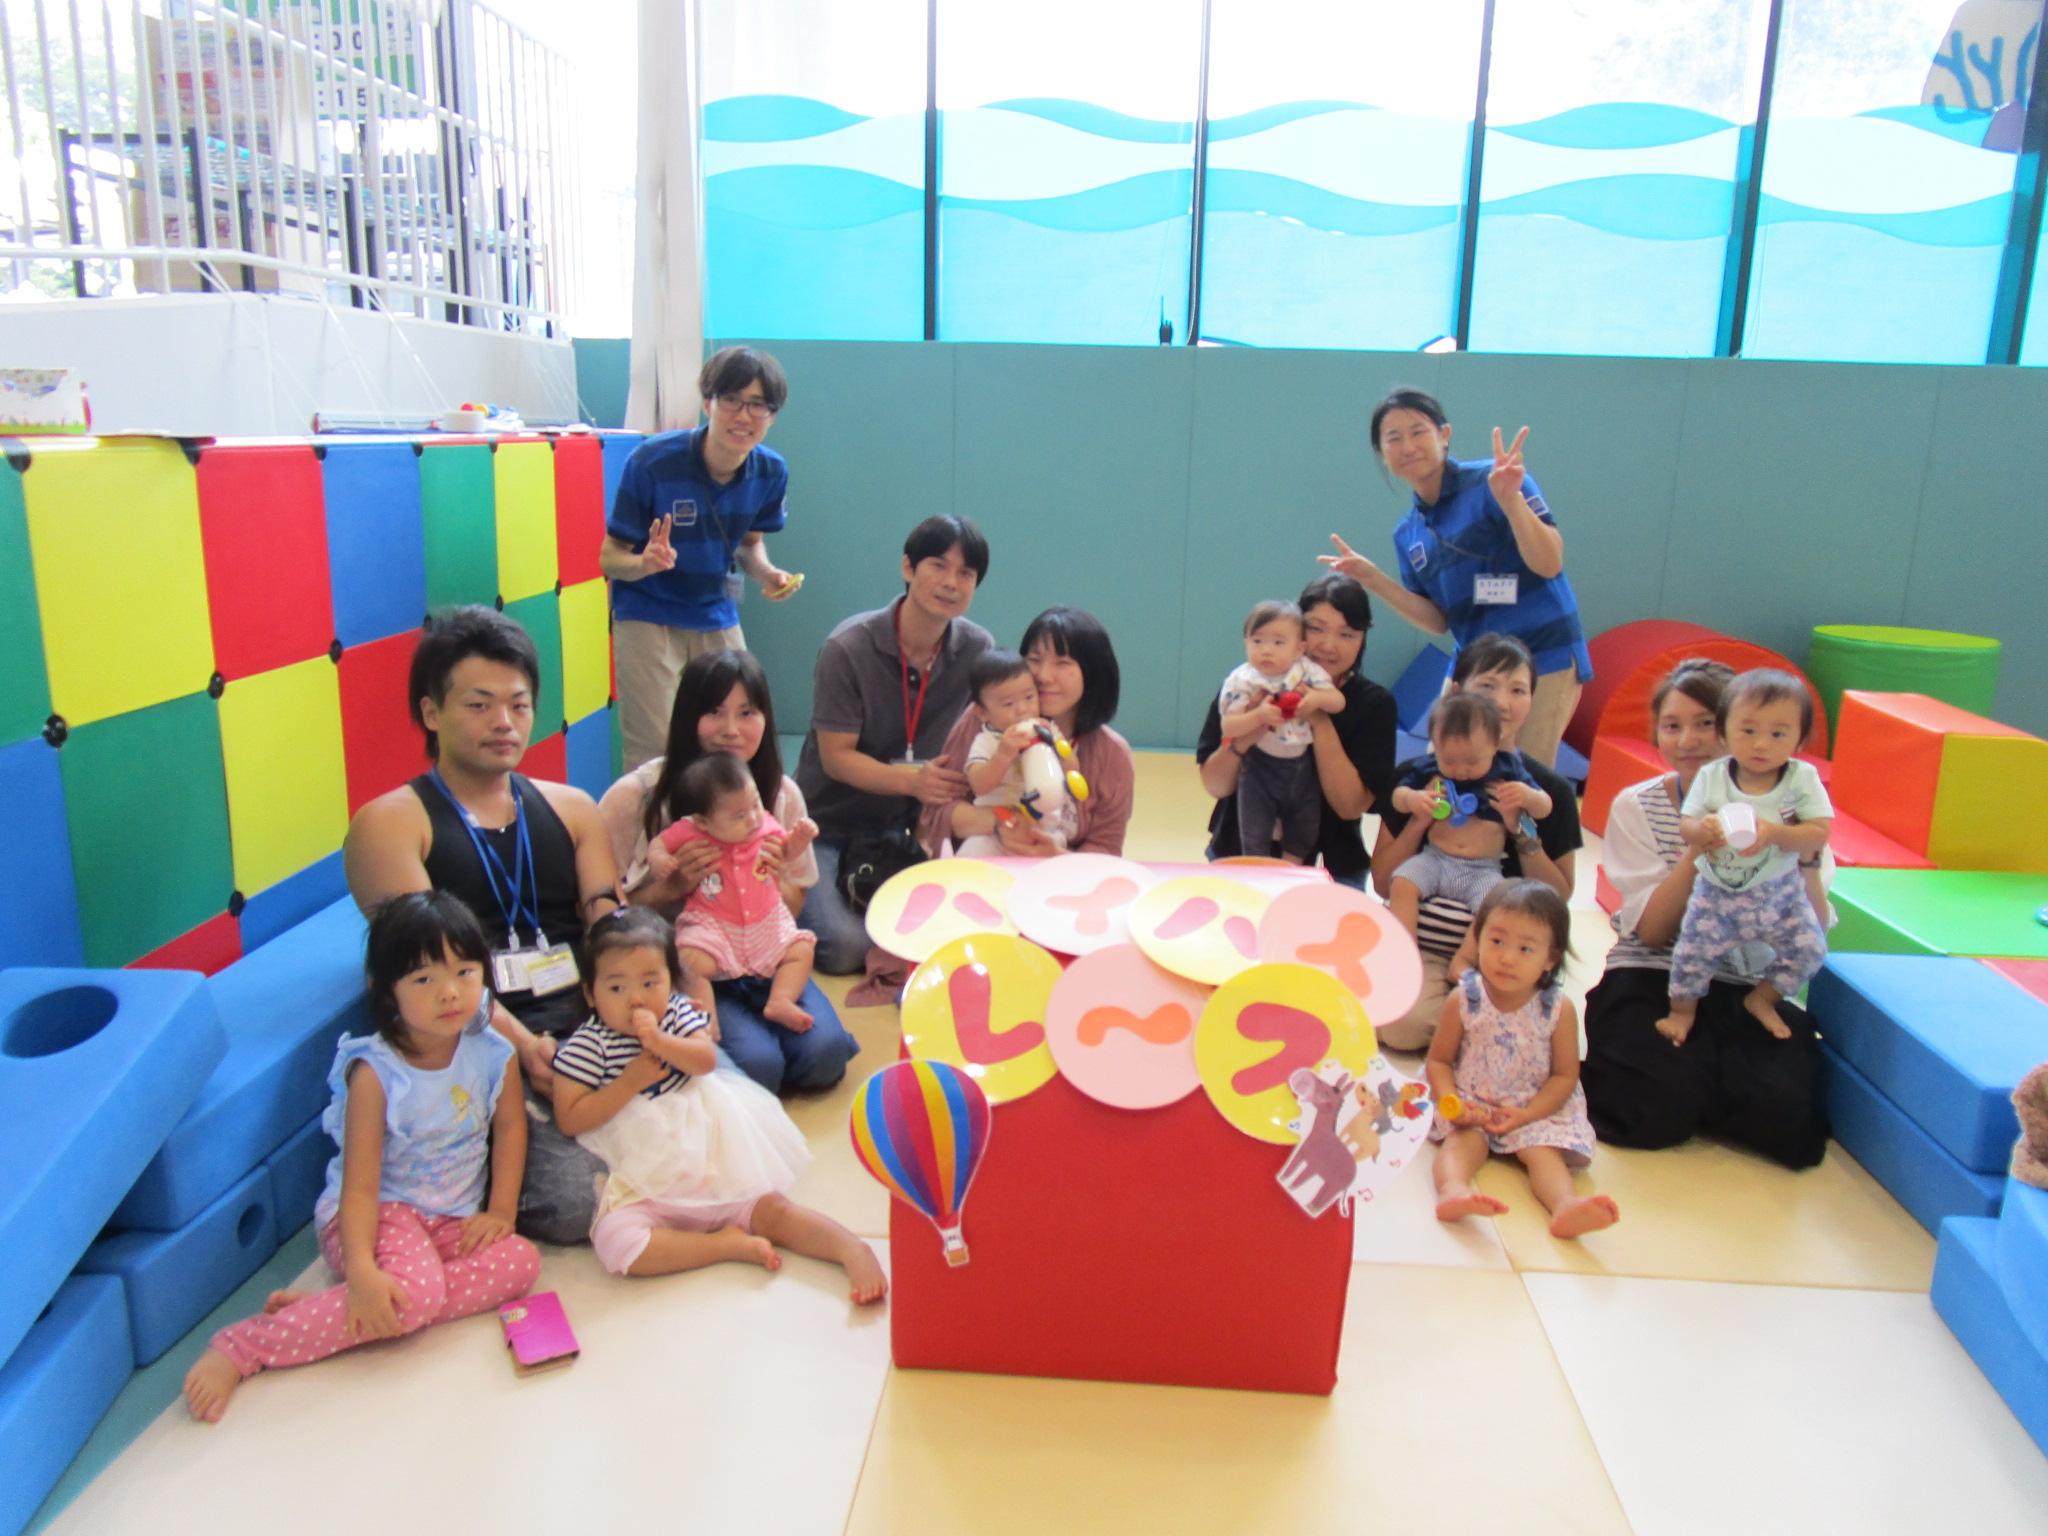 赤ちゃんイベント『ハイハイレース』/『1歳のお誕生日会』/『楽器で演奏会♪』